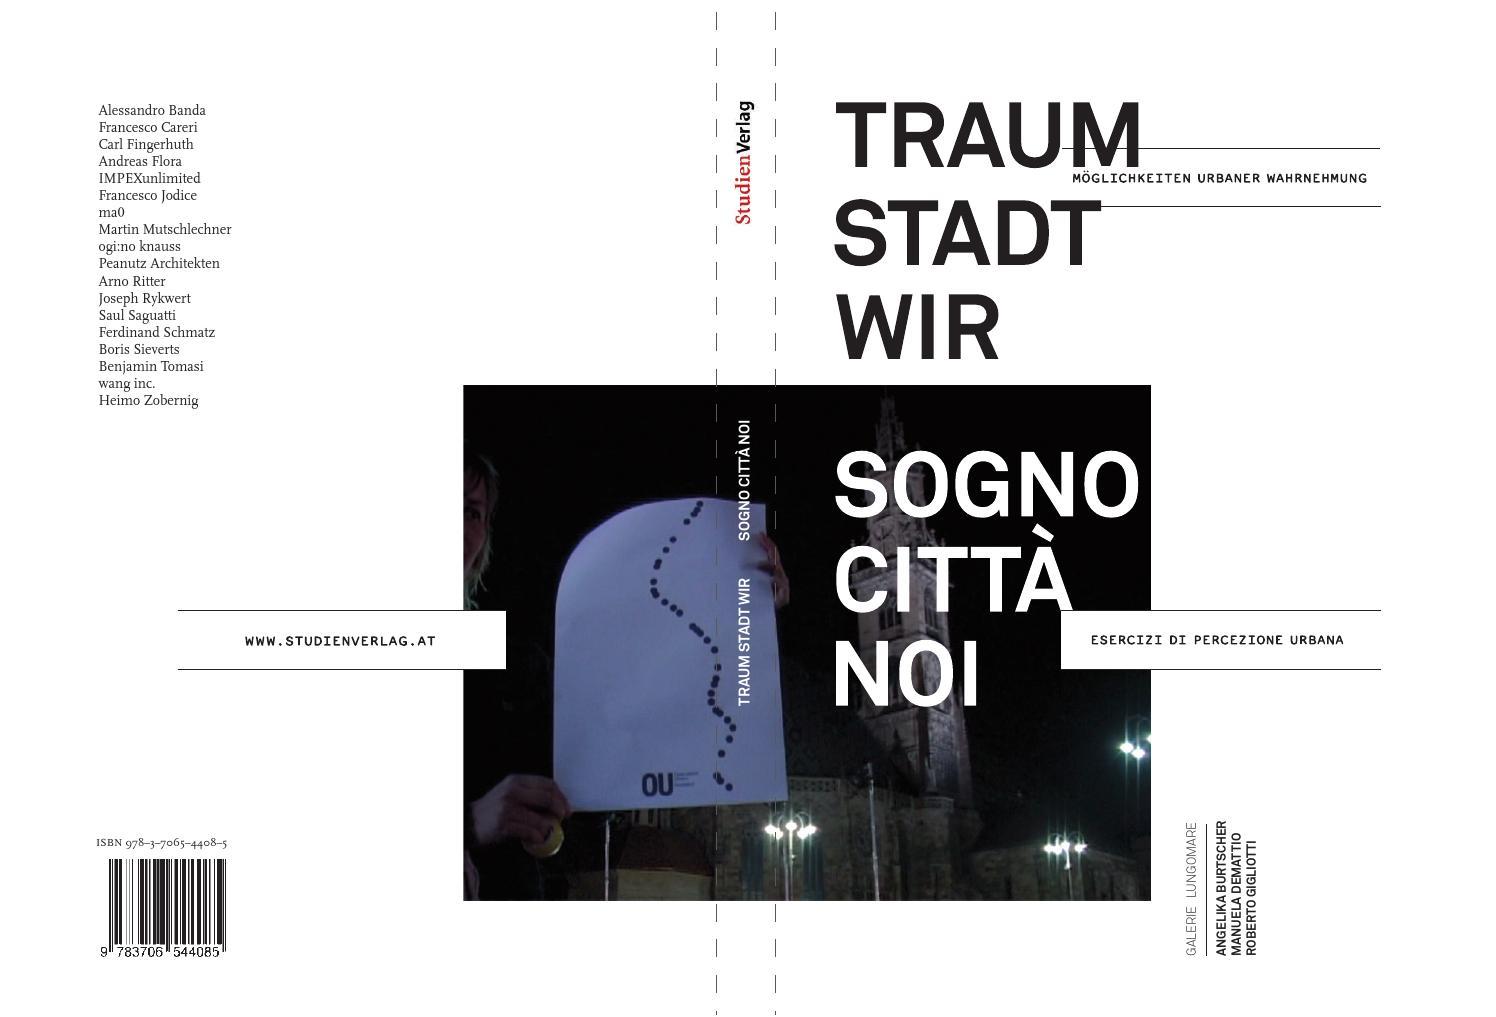 Traum Stadt Wir Sogno Citta Noi By Lungomare Issuu